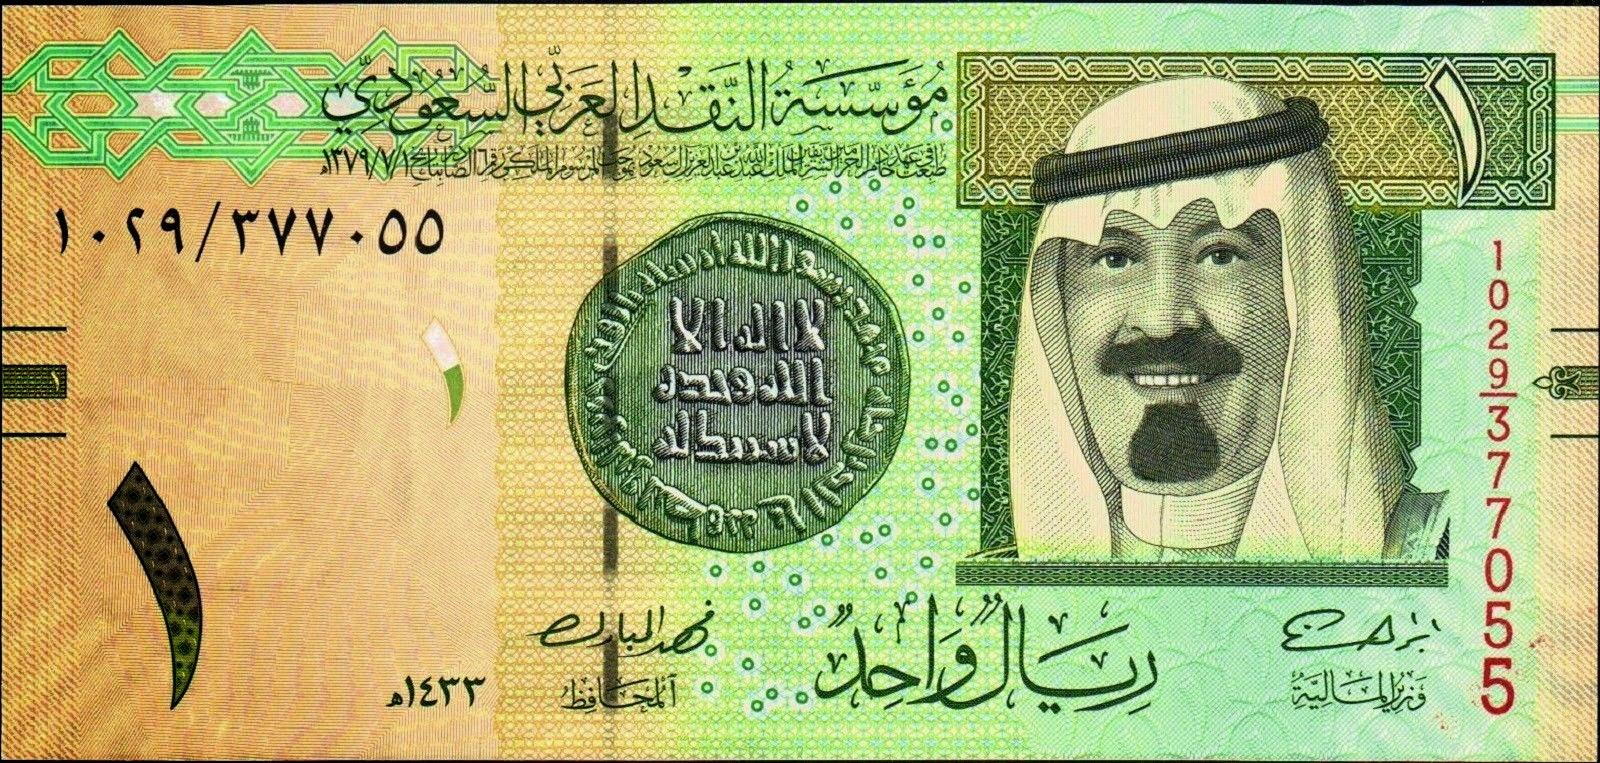 Saudi Arabia Banknotes 1 Riyal Note 2012 King Abdullah Bin Abdulaziz, first Islamic coin